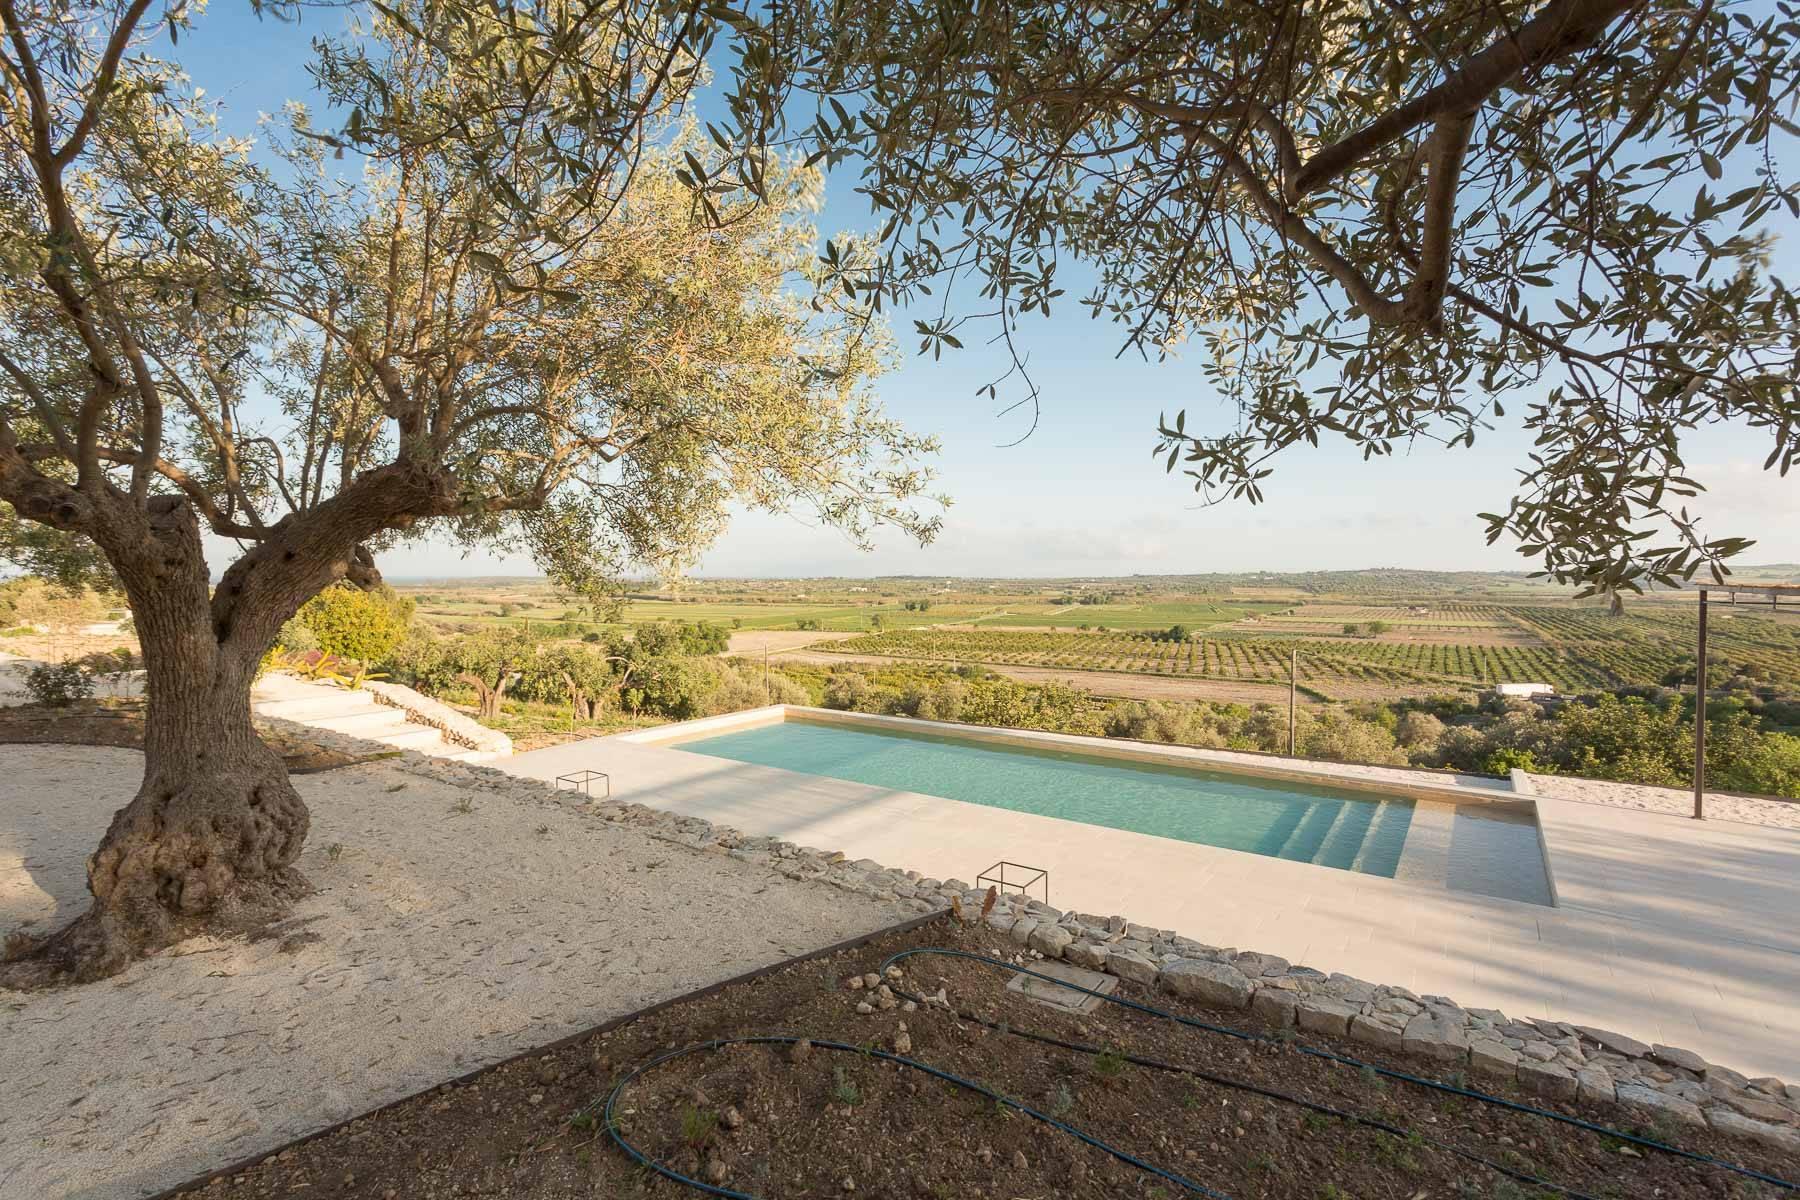 Villa in Vendita a Noto: 5 locali, 270 mq - Foto 17